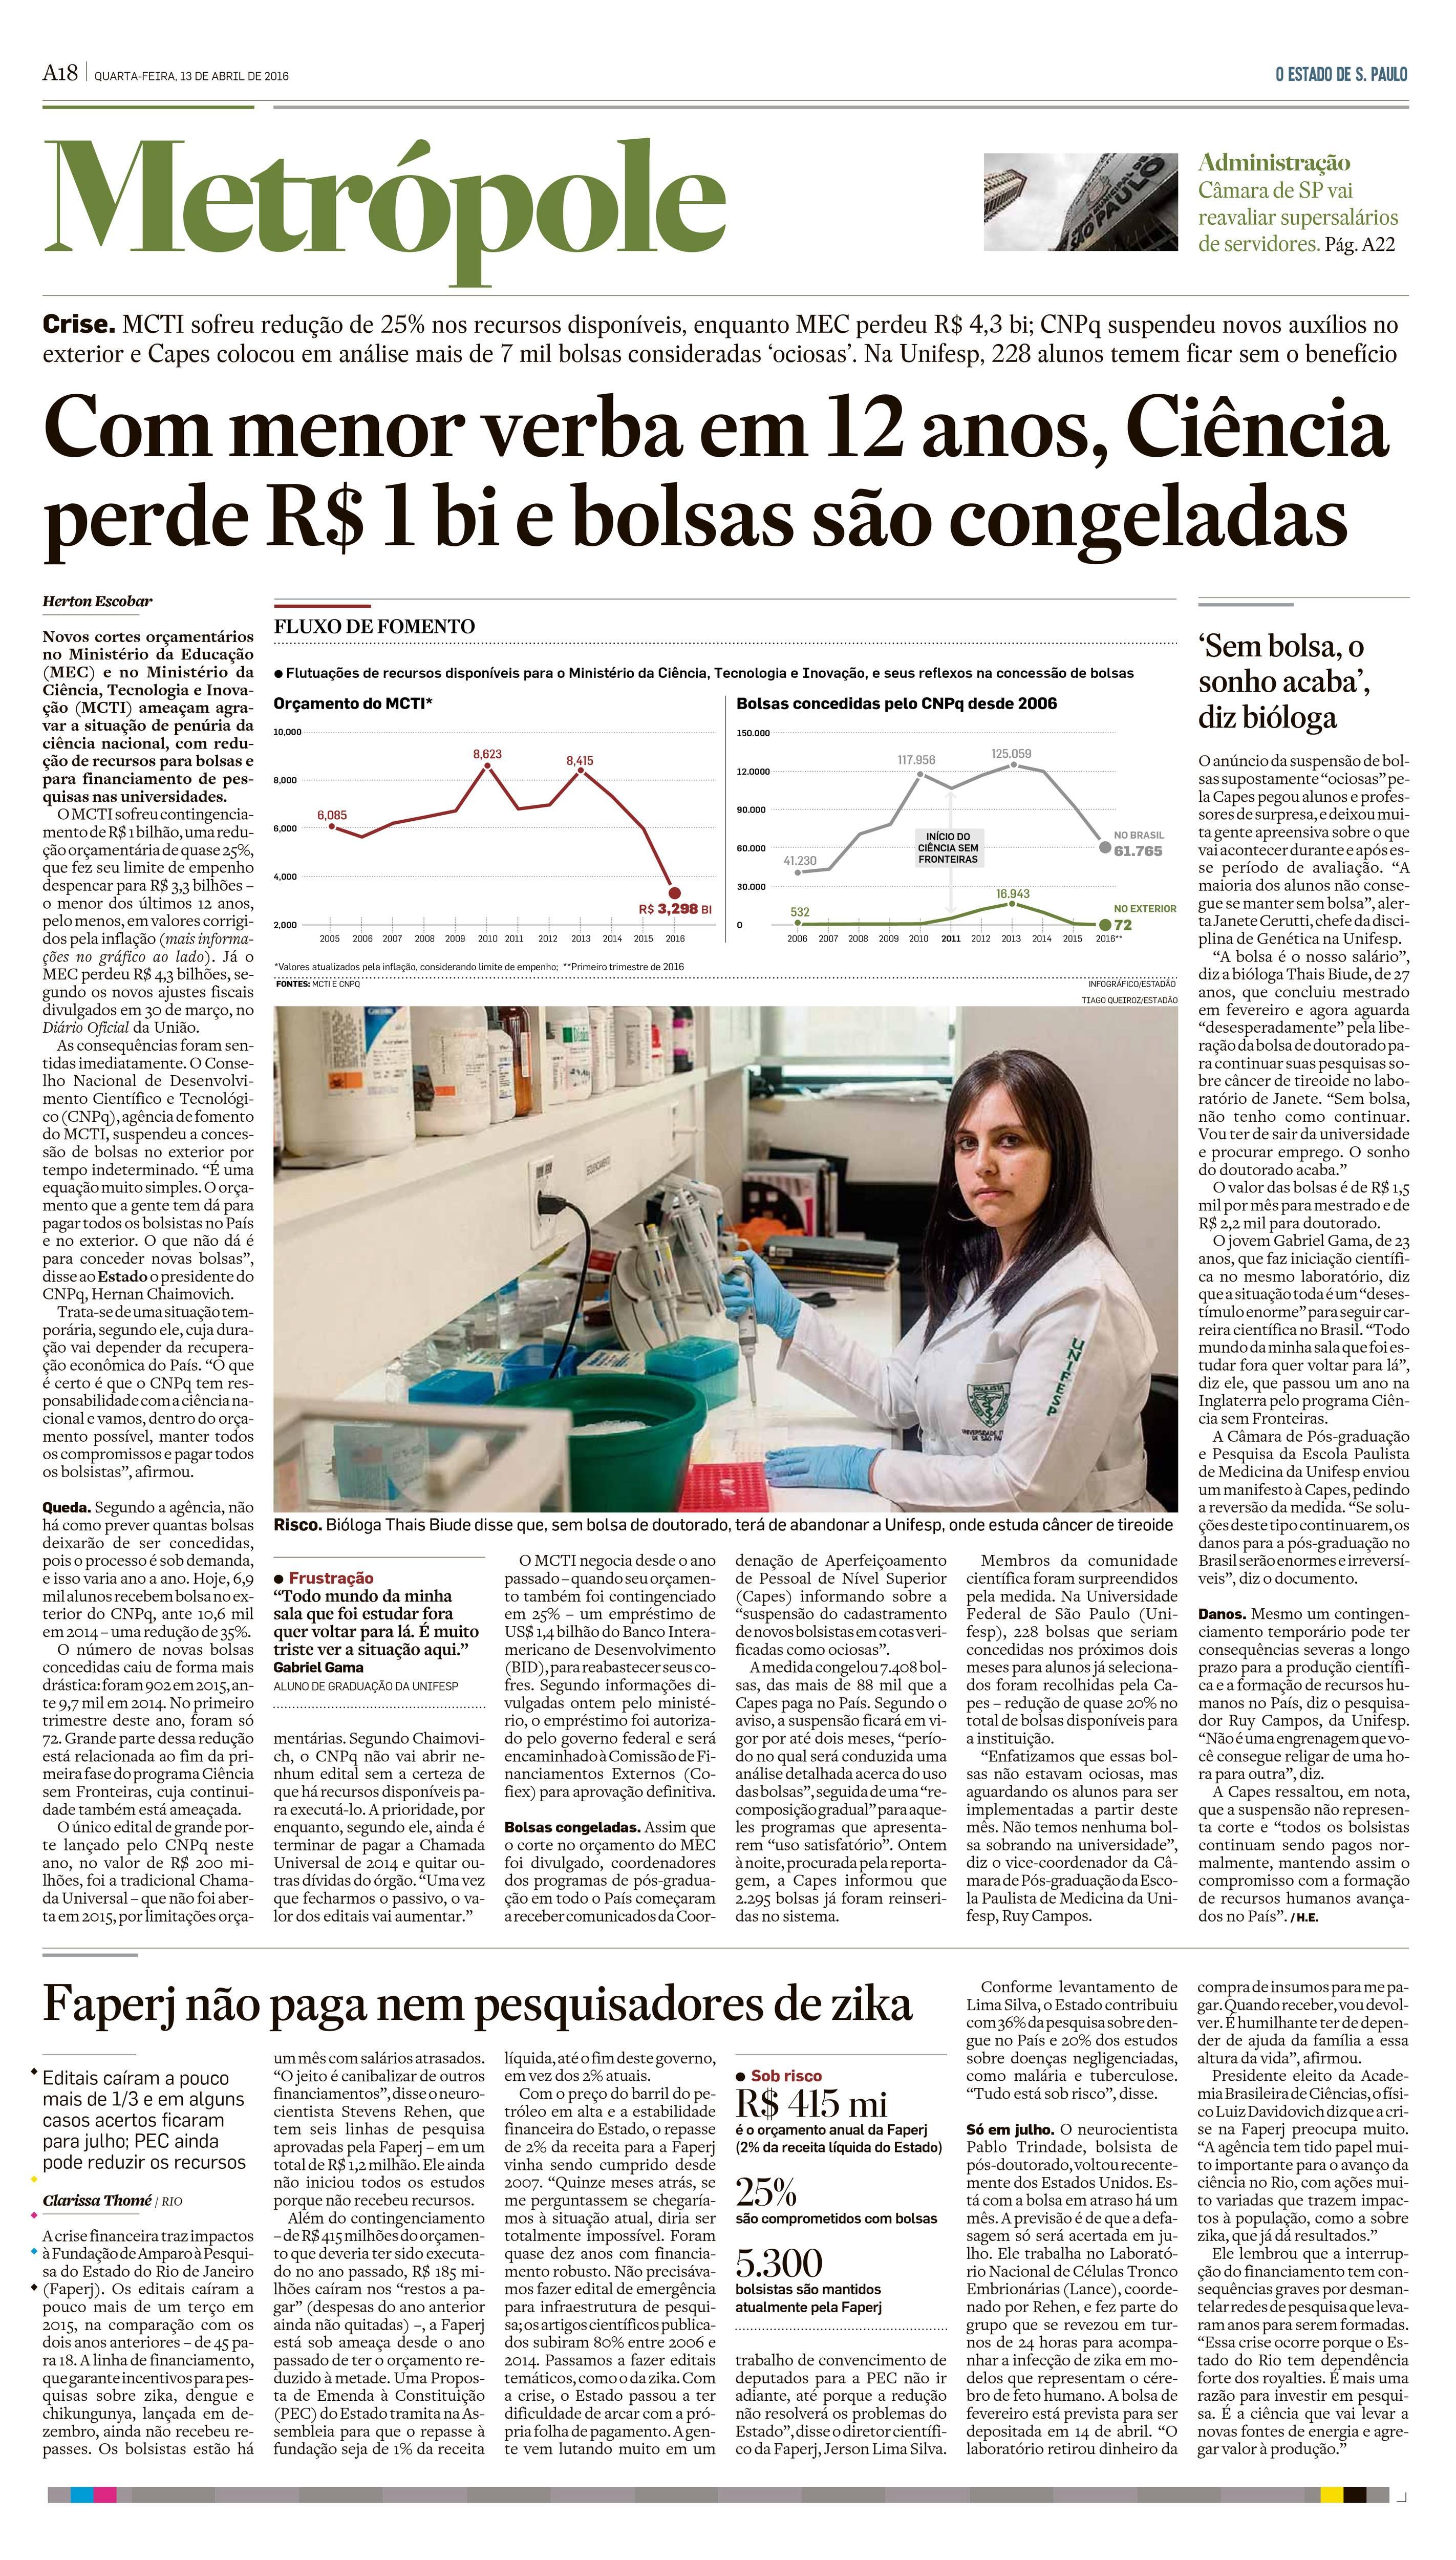 Ciência perde R$ 1bi e bolsas são congeladas